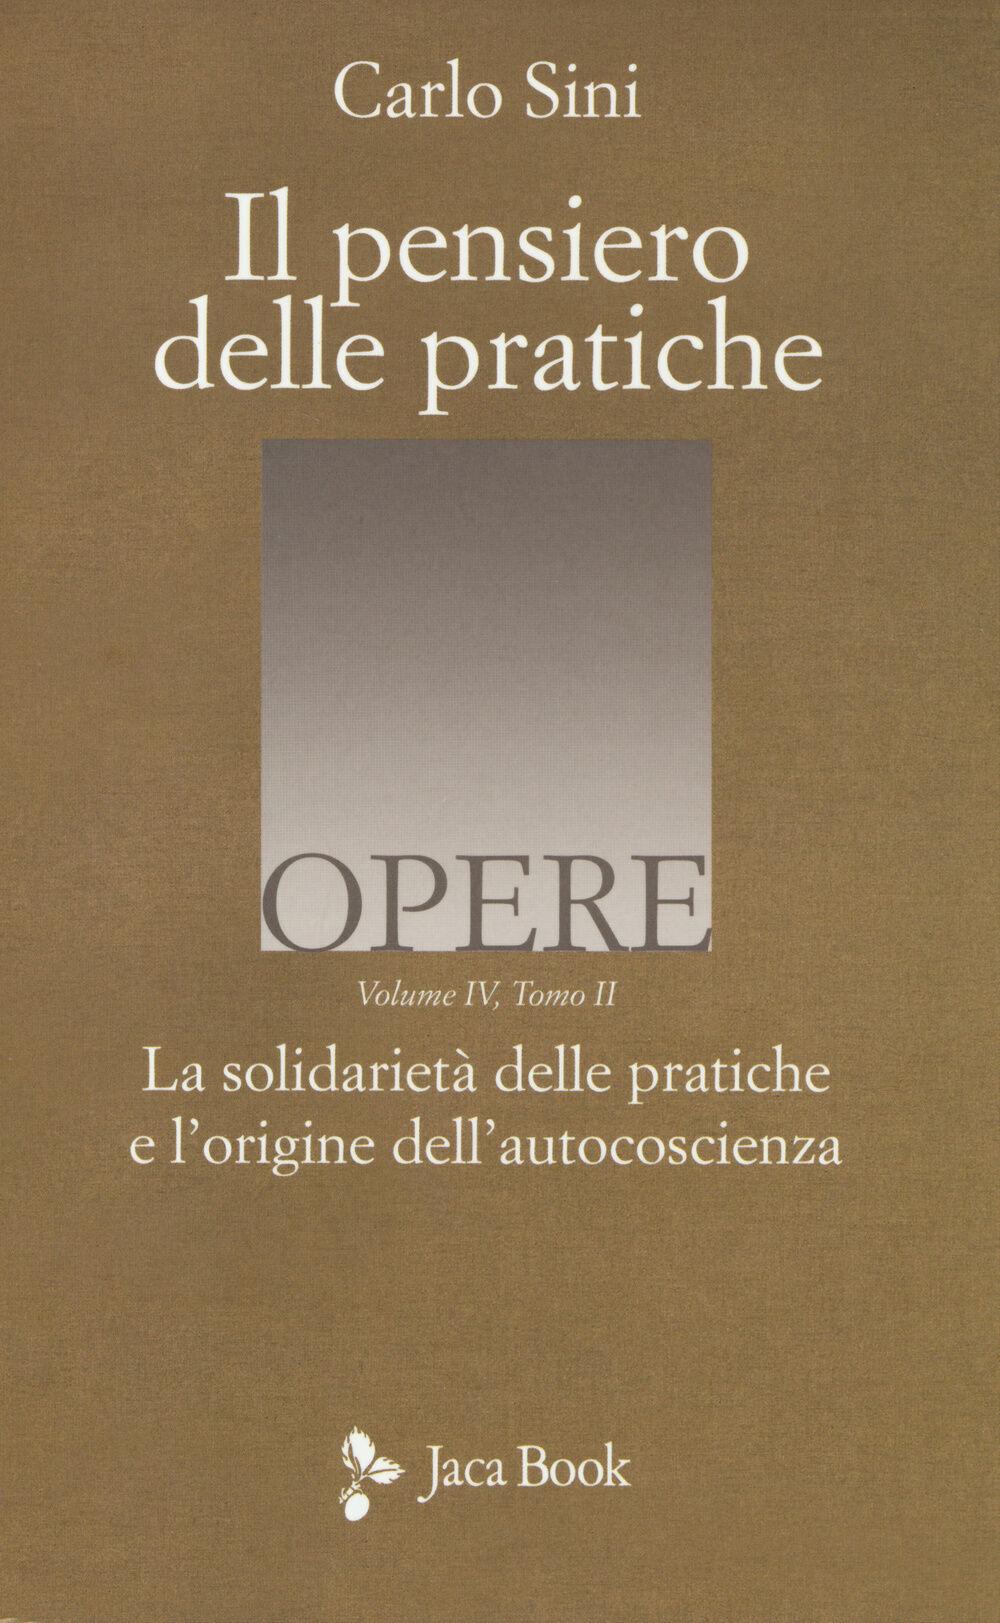 Il pensiero delle pratiche. Vol. 4\2: La solidarietà delle pratiche e l'origine dell'autocoscienza.